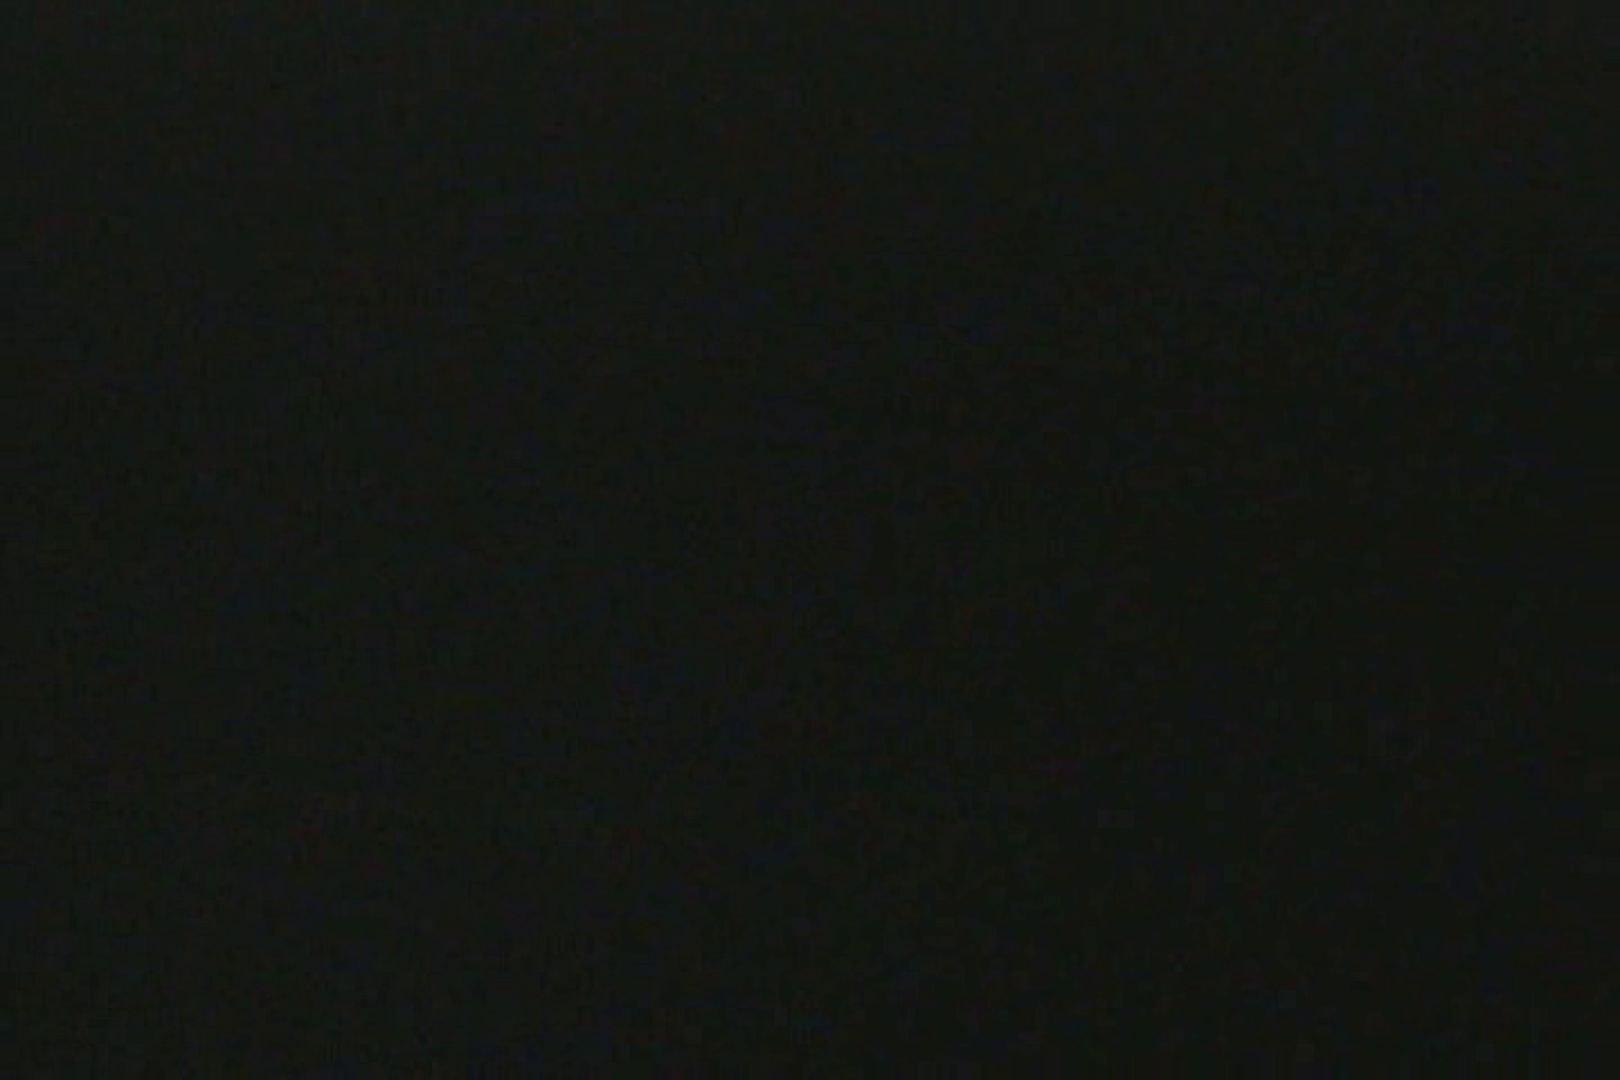 彼氏あり20歳春菜Vol.3 バイブ  90pic 10